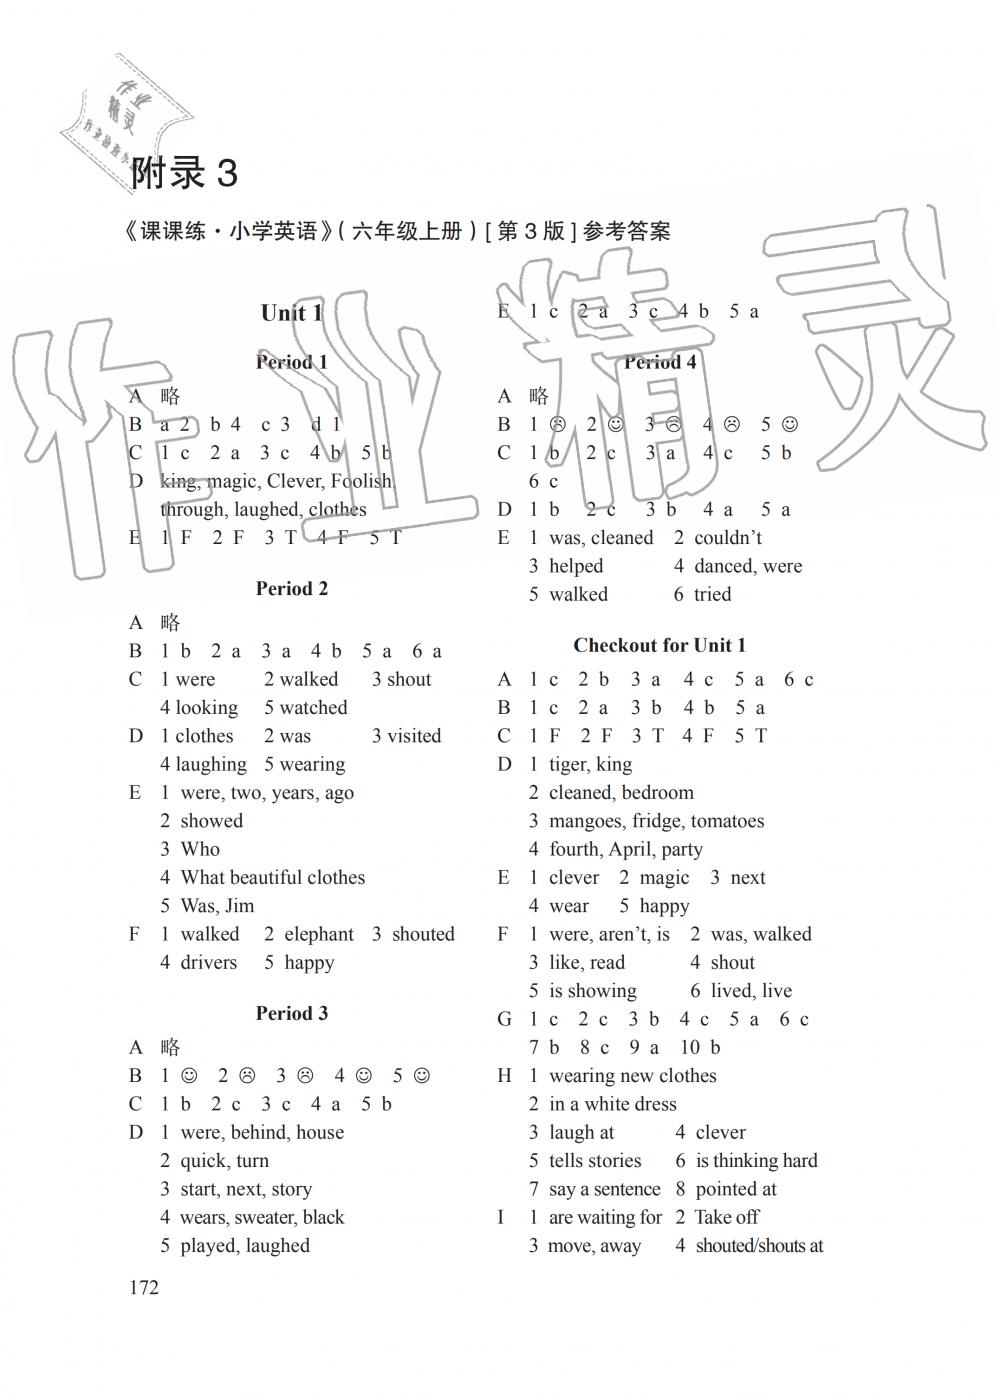 2019年課課練小學英語六年級上冊譯林版第1頁